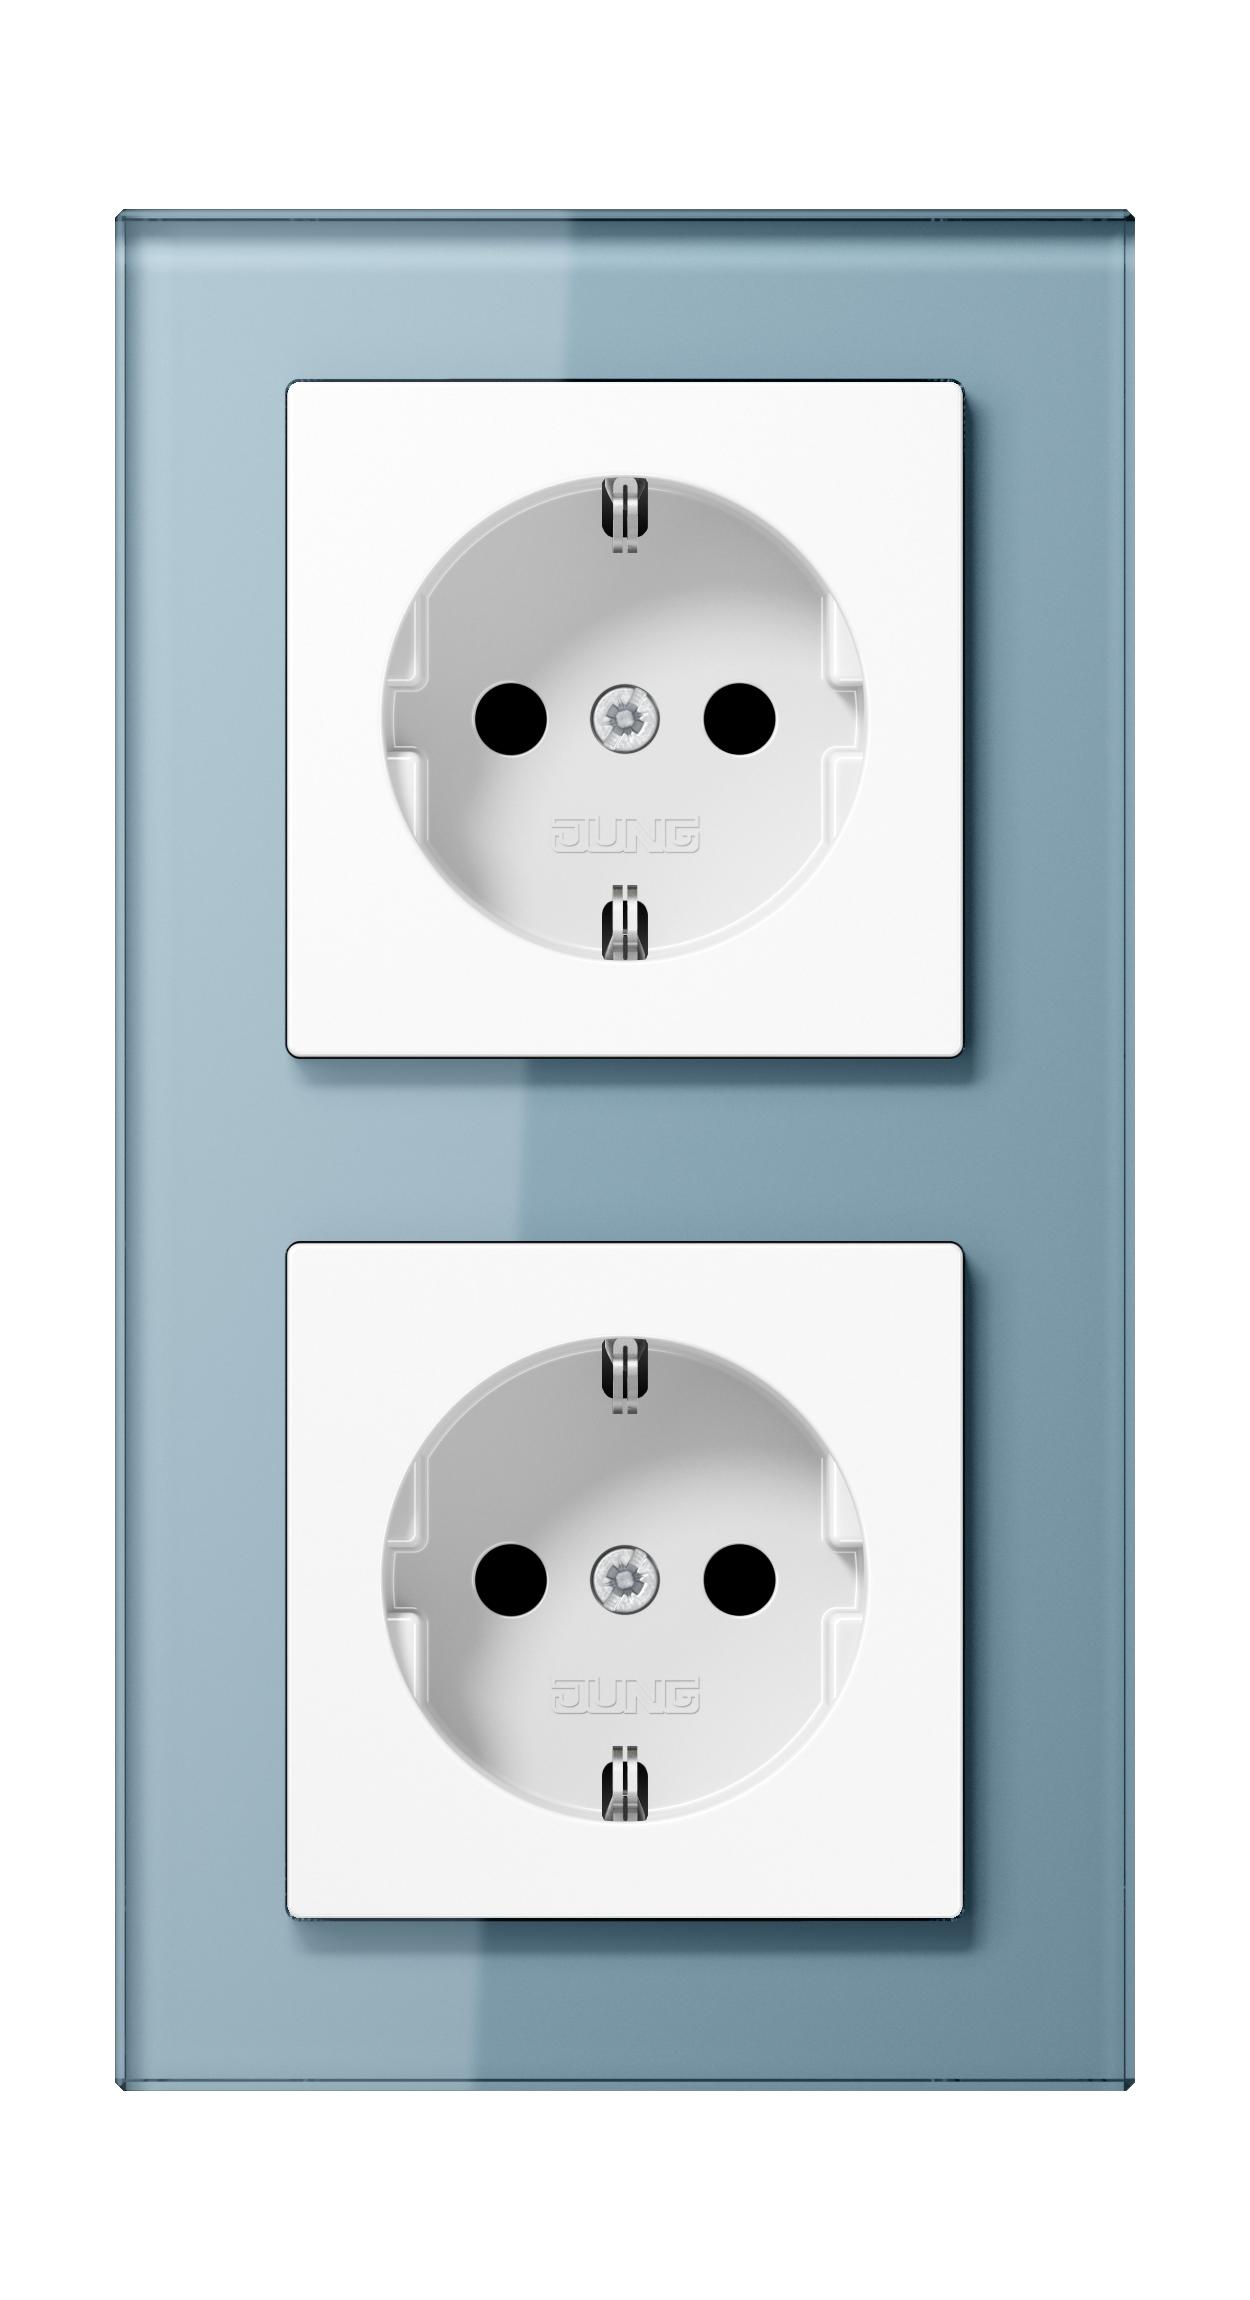 JUNG_AC_GL_blue-grey_socket-socket